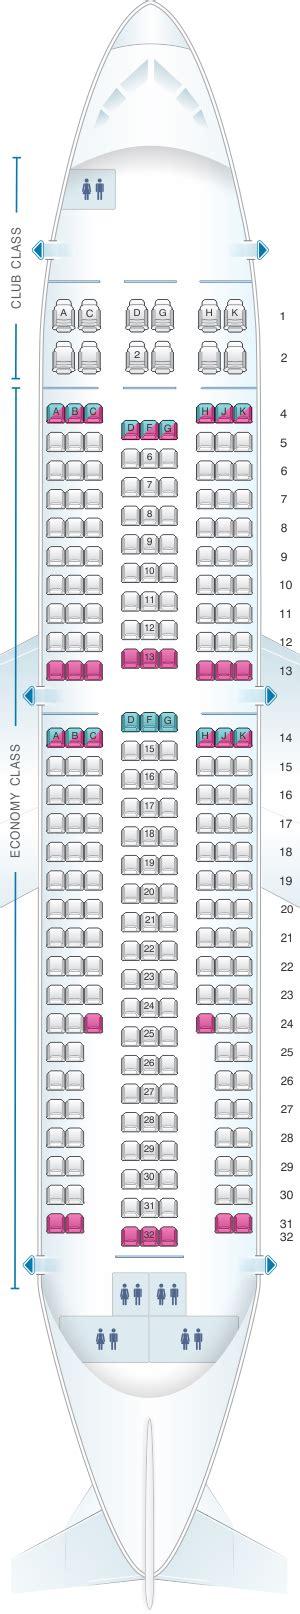 siege air transat plan de cabine air transat airbus a310 300 seatmaestro fr